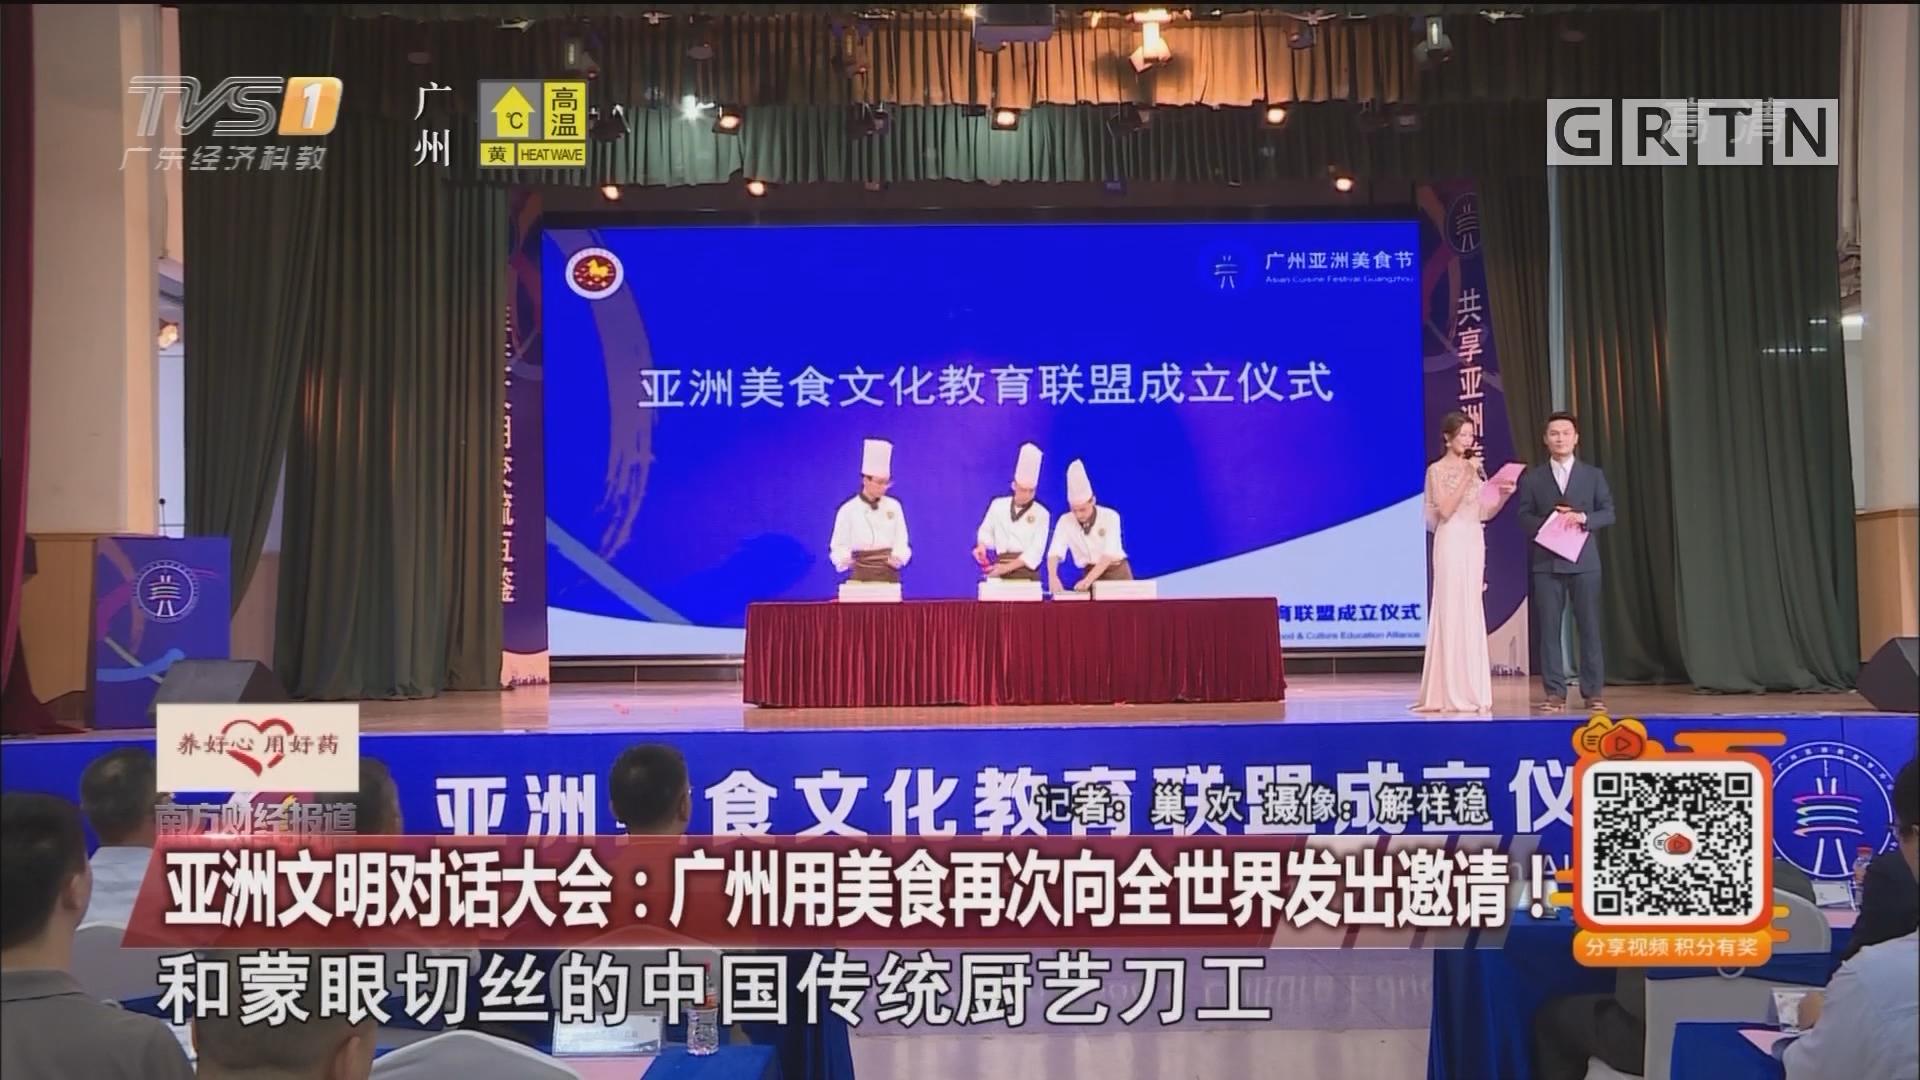 亚洲文明对话大会:广州用美食再次向世界发出邀请!